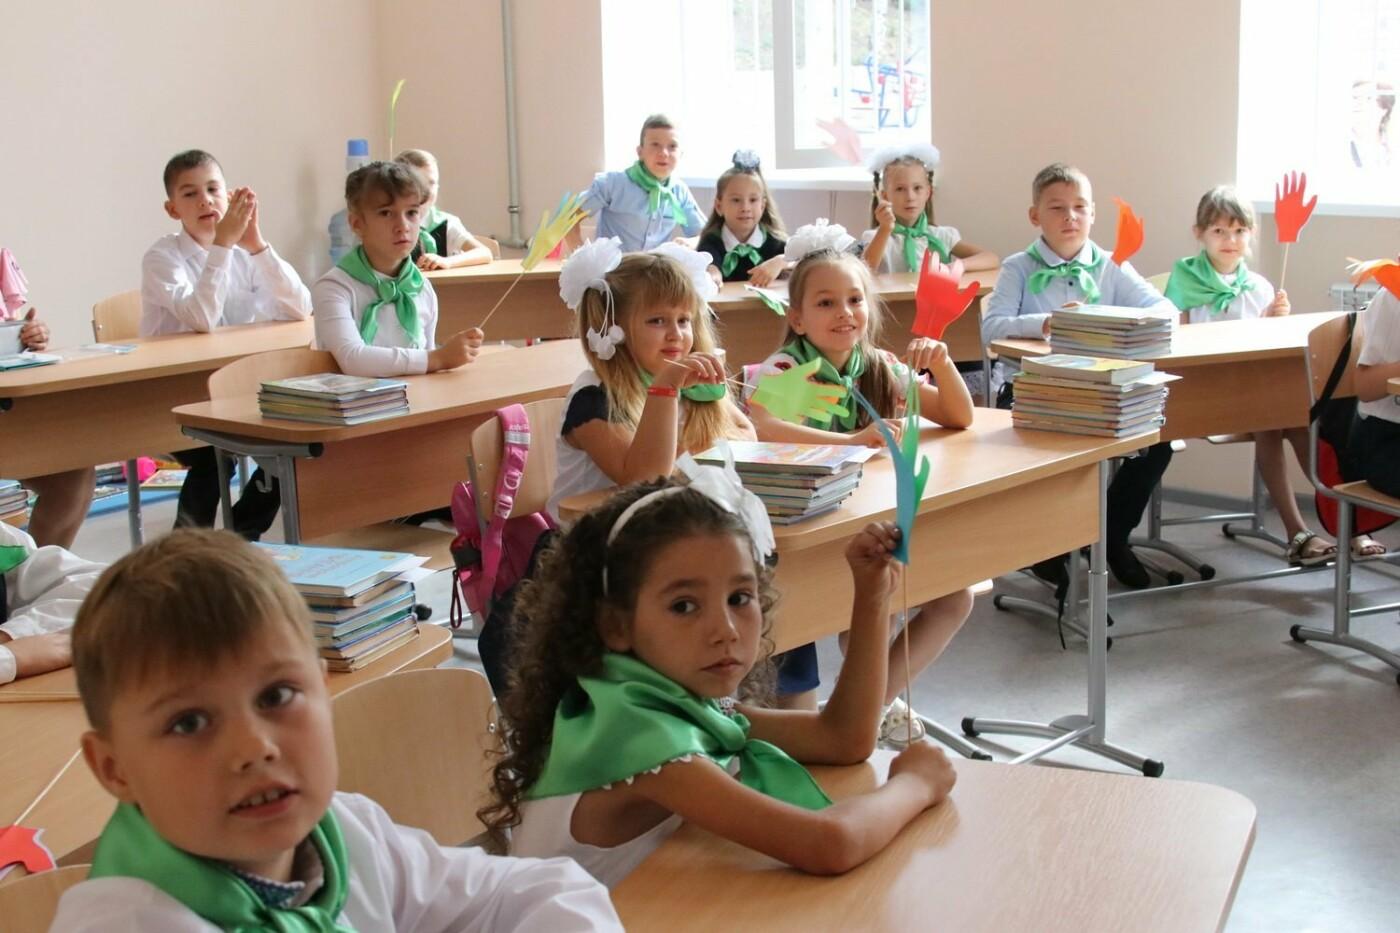 В Кривом Роге капитально отремонтировали новый учебно-воспитательный комплекс, - ФОТО , фото-3